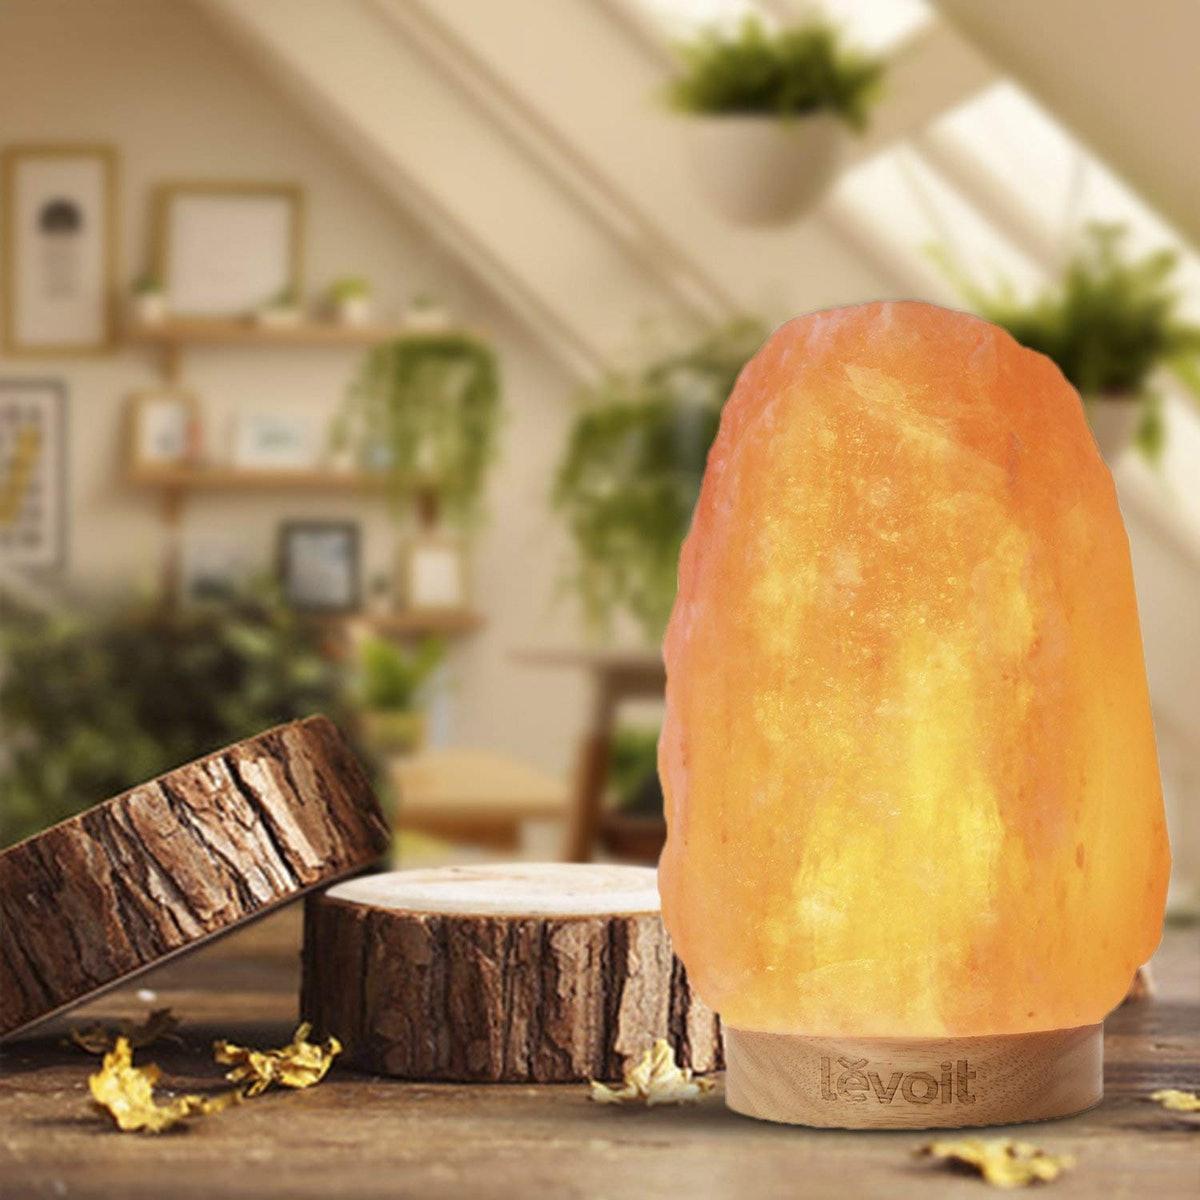 Levoit Himalayan Salt Lamp